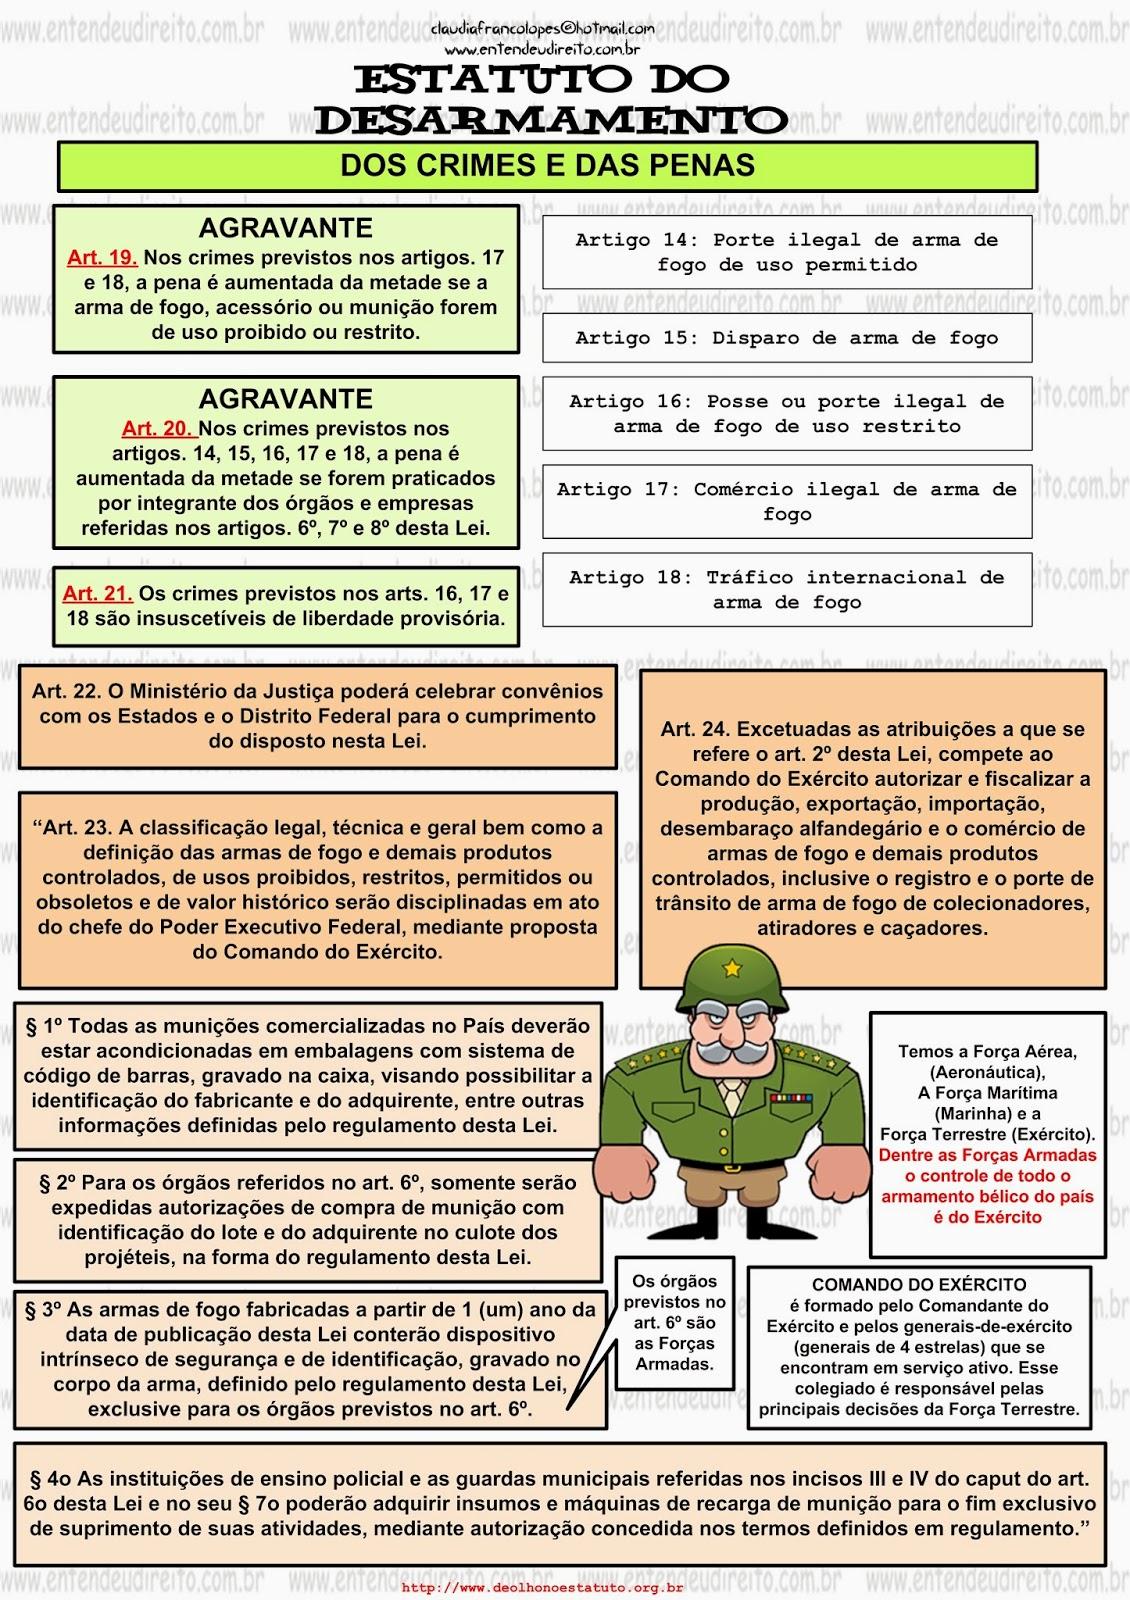 Artigo 16 da lei 10826 03